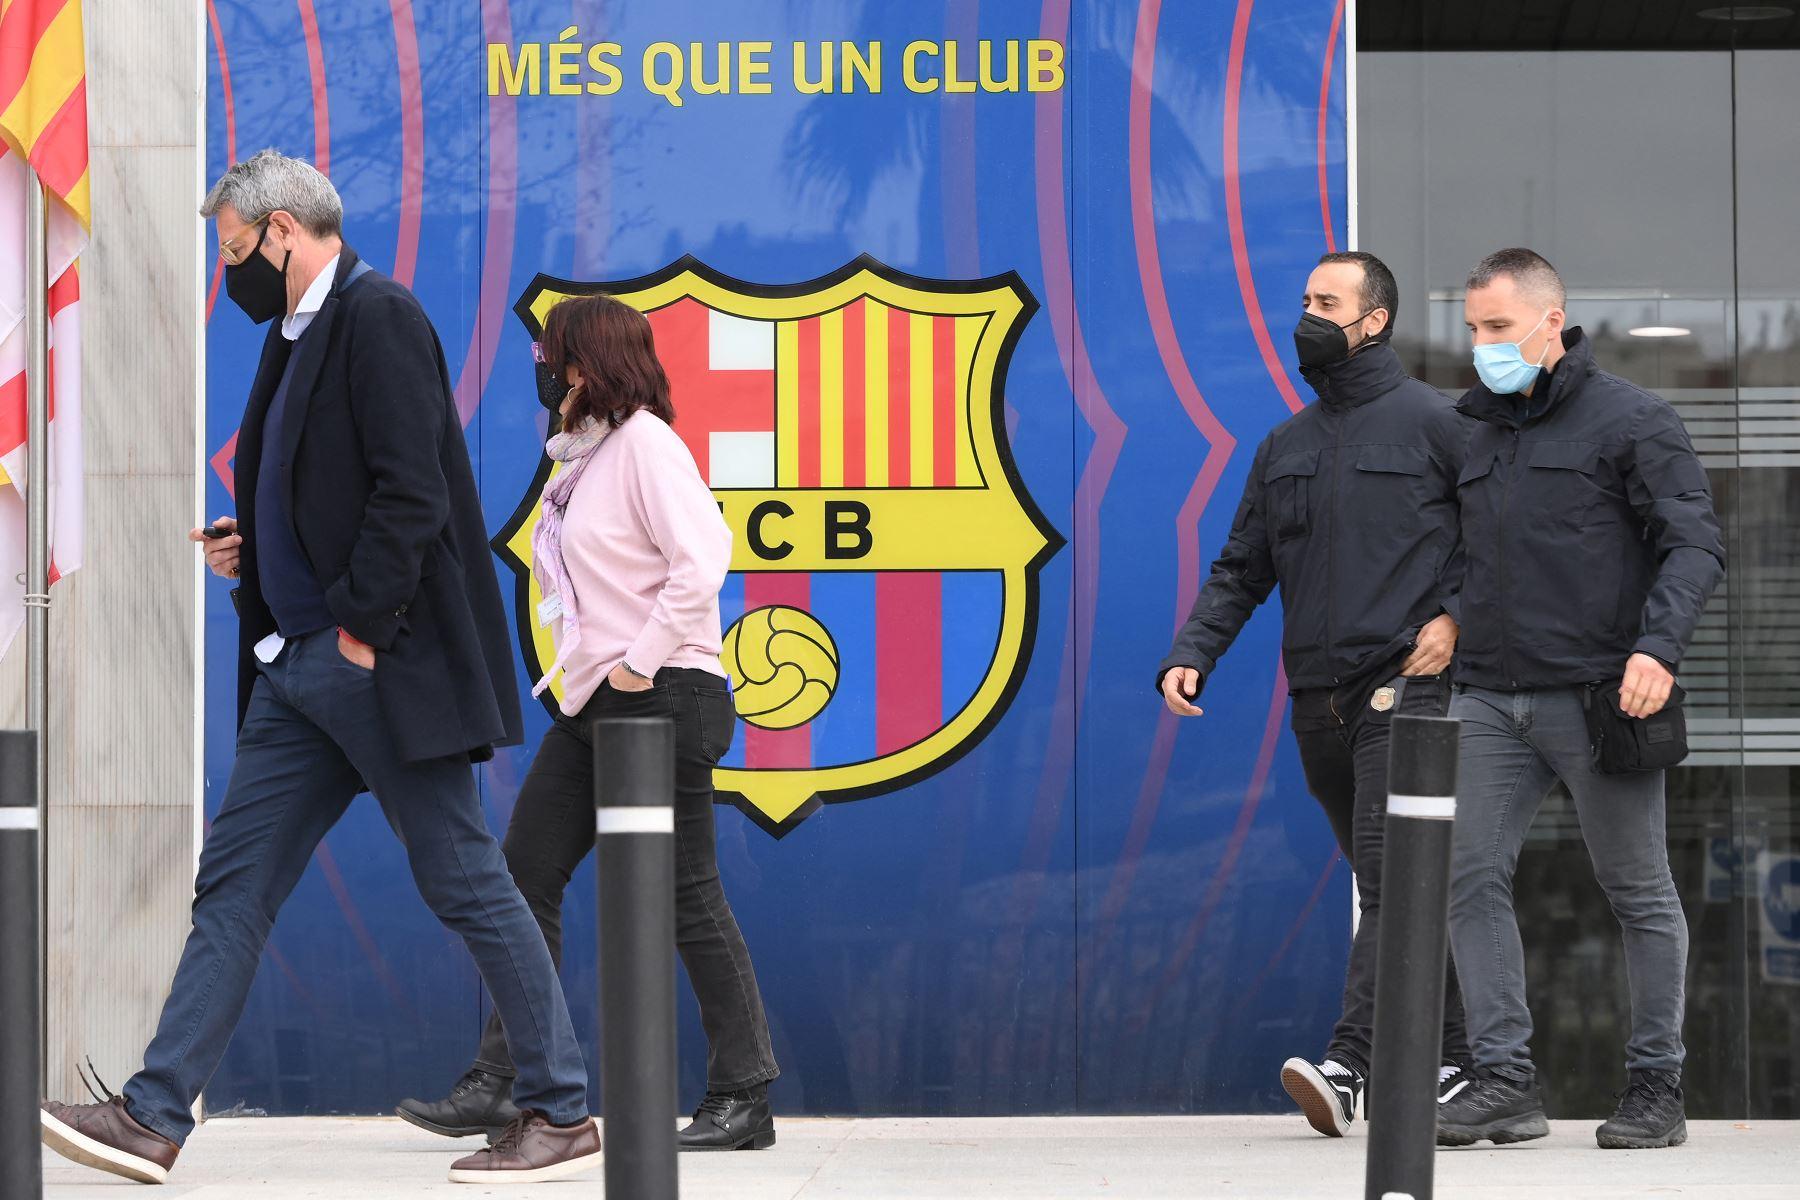 La policía regional catalana y el abogado español Jorge Navarro abandonan las oficinas del Fútbol Club Barcelona el 1 de marzo de 2021, durante un operativo policial en el interior del edificio. Foto: AFP